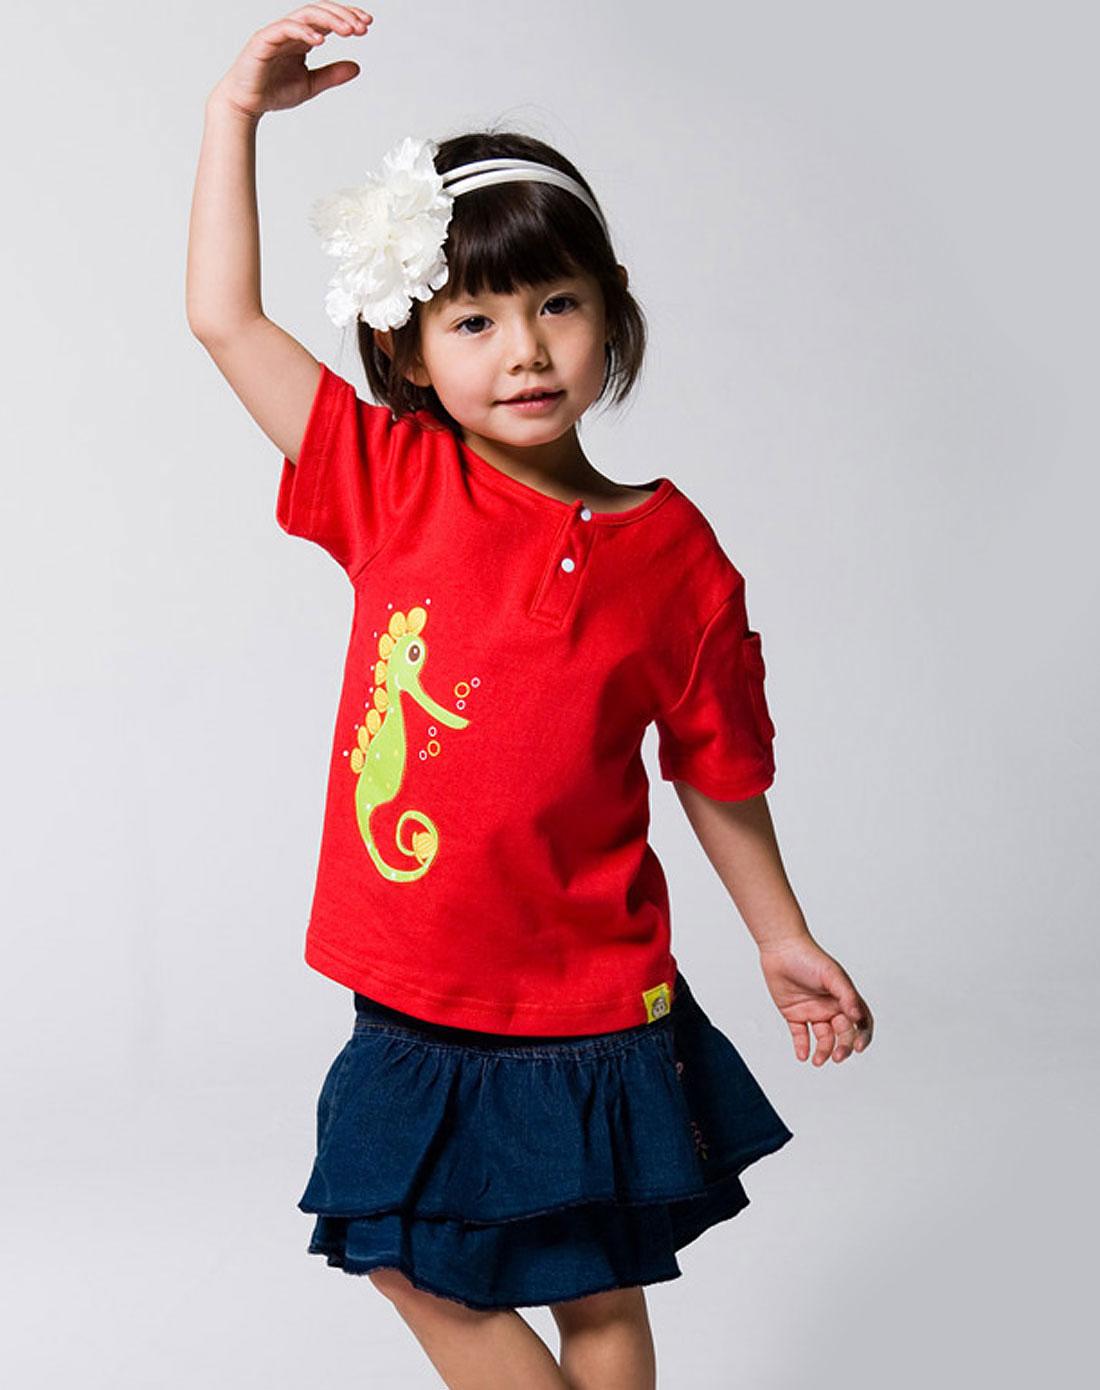 女童红色短袖t恤_帝颂宝贝tresor